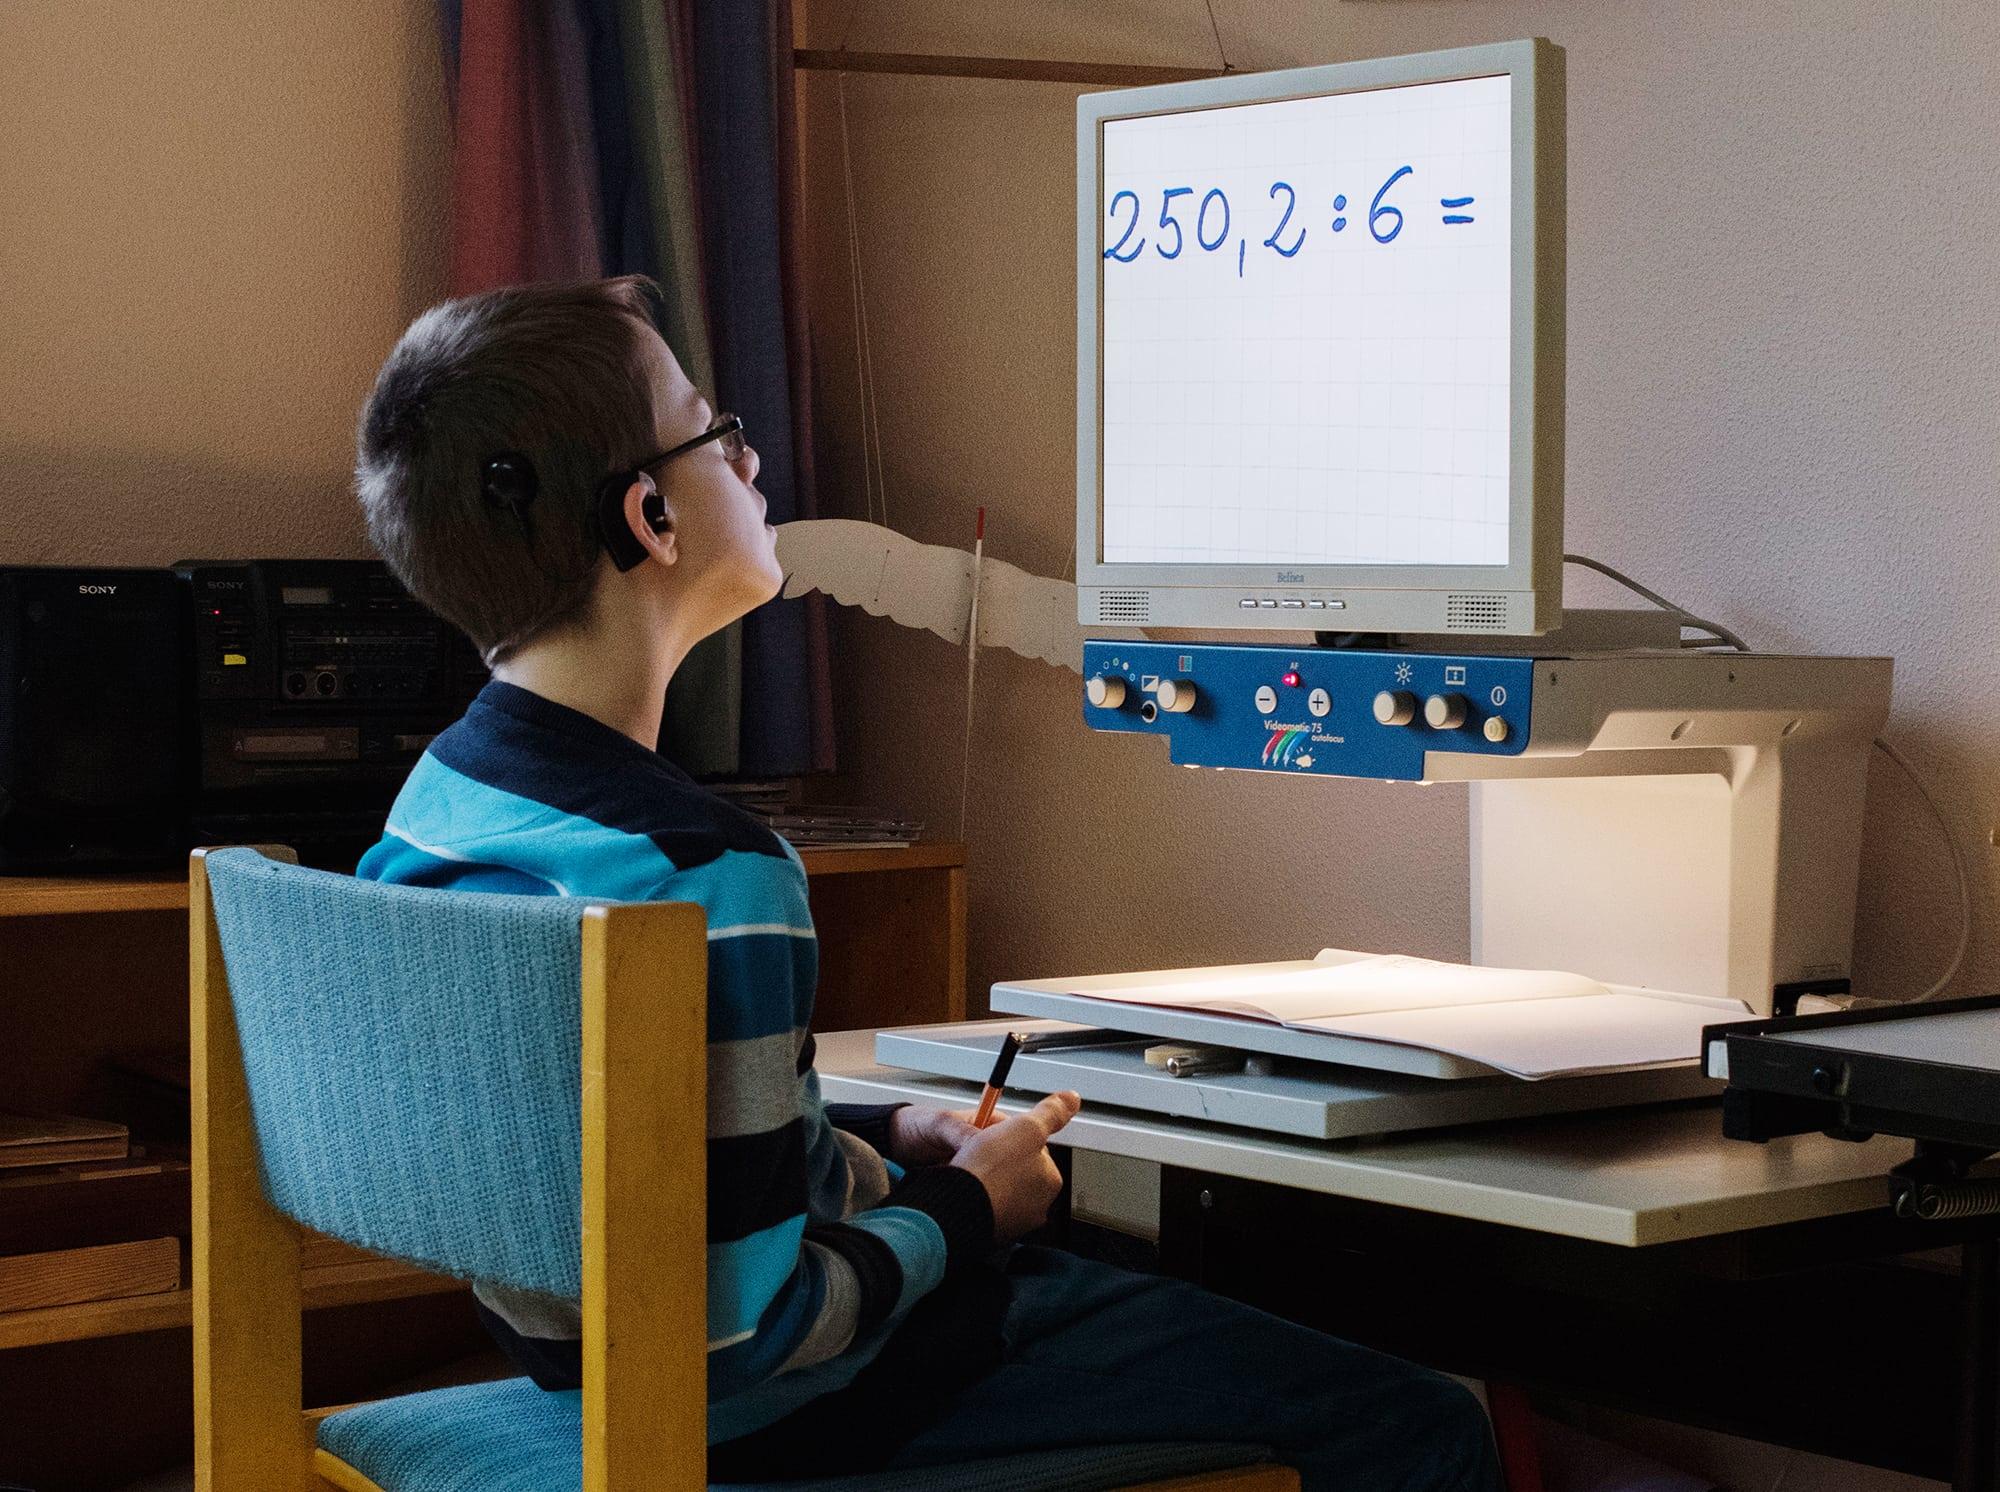 Schüler rechnet Aufgabe auf dem Vergrößerungsbildschirm